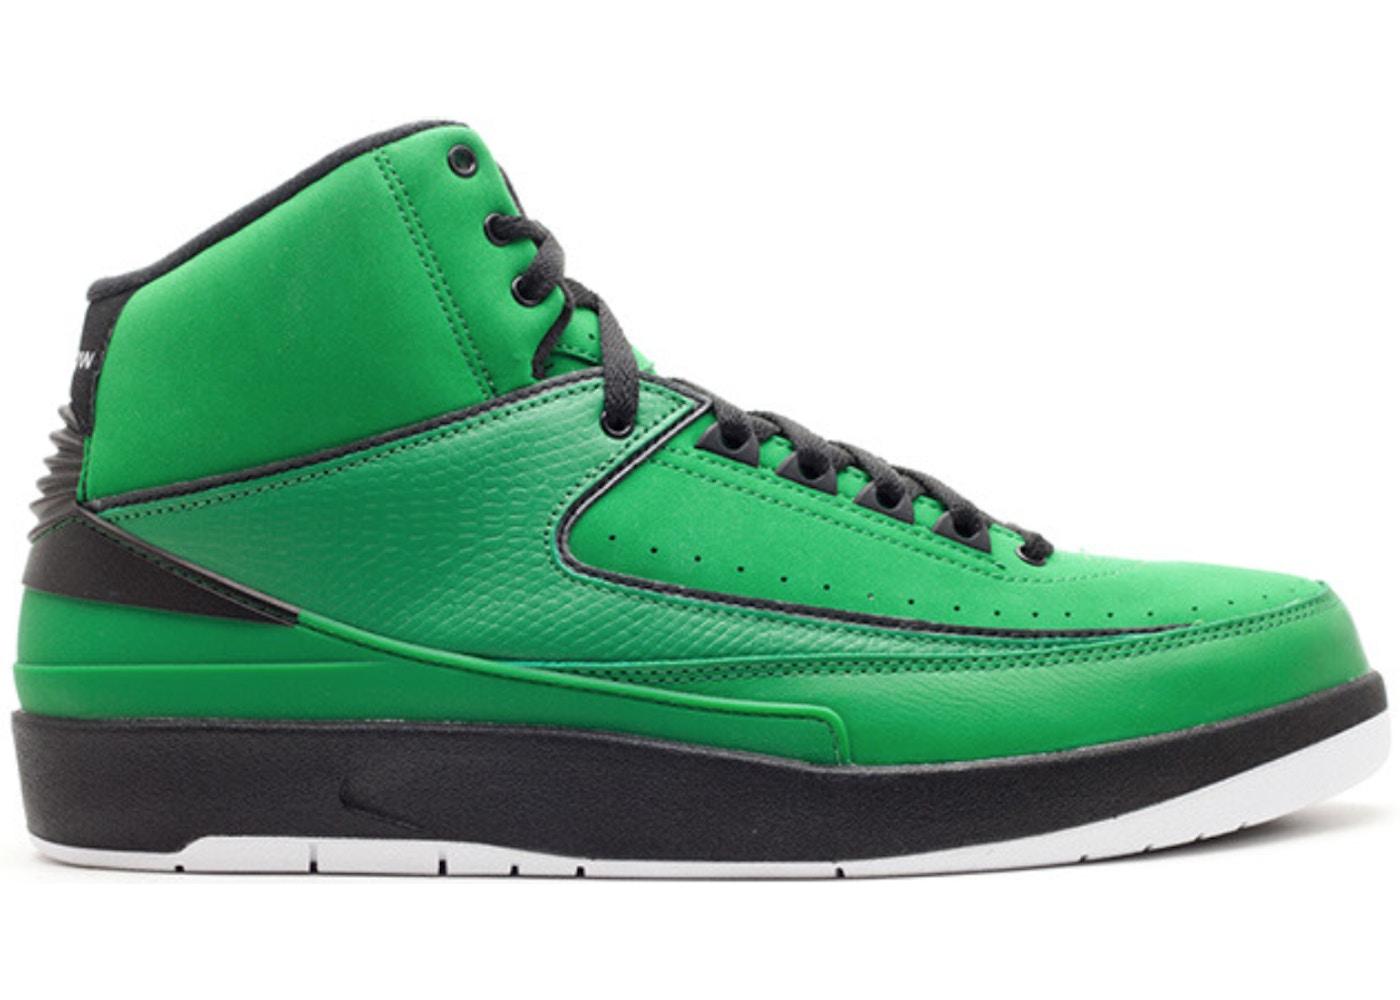 finest selection 6fbc8 895b8 Air Jordan 2 Shoes - Last Sale